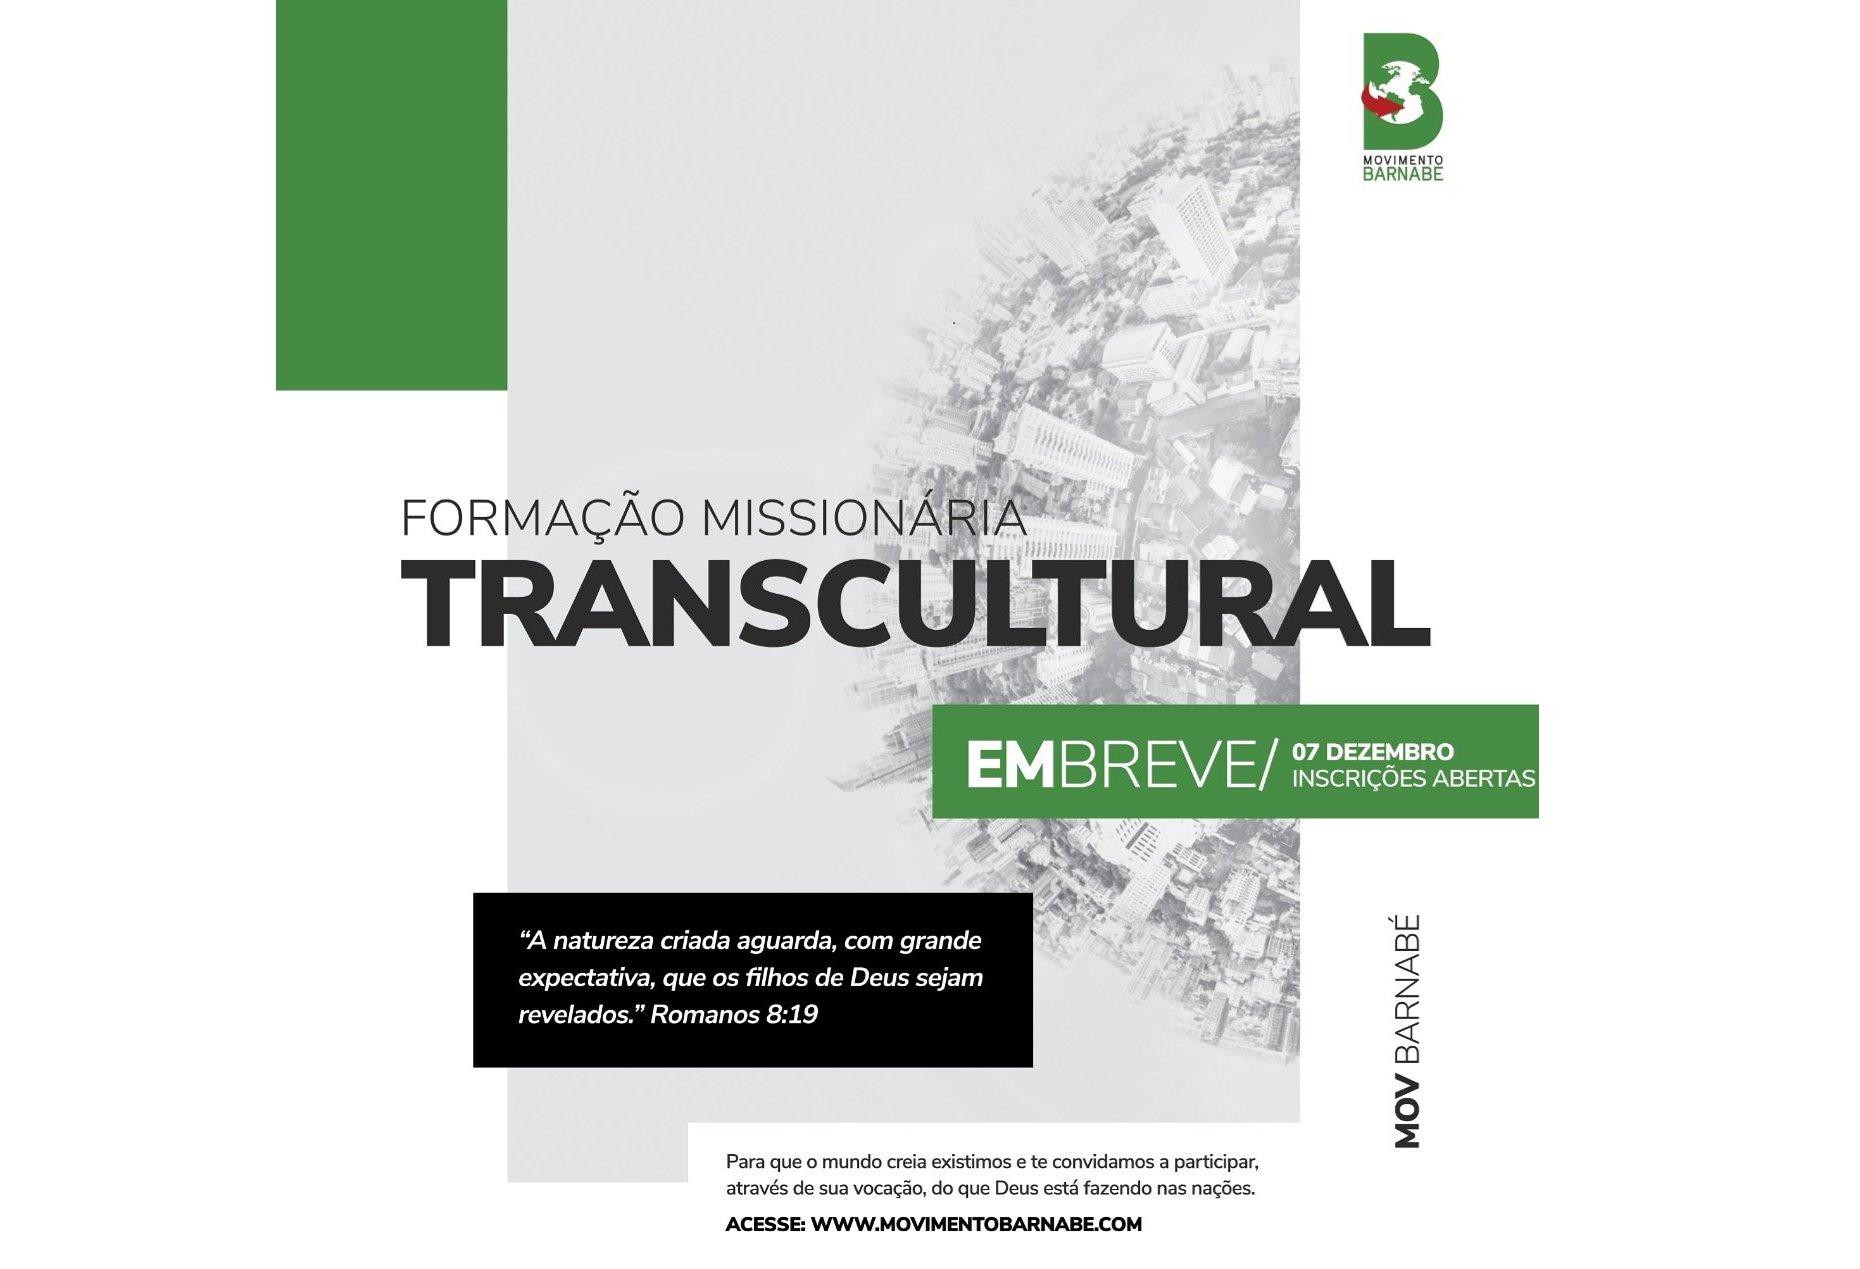 Movimento Barnabé abrirá inscrições para Formação Missionária Transcultural